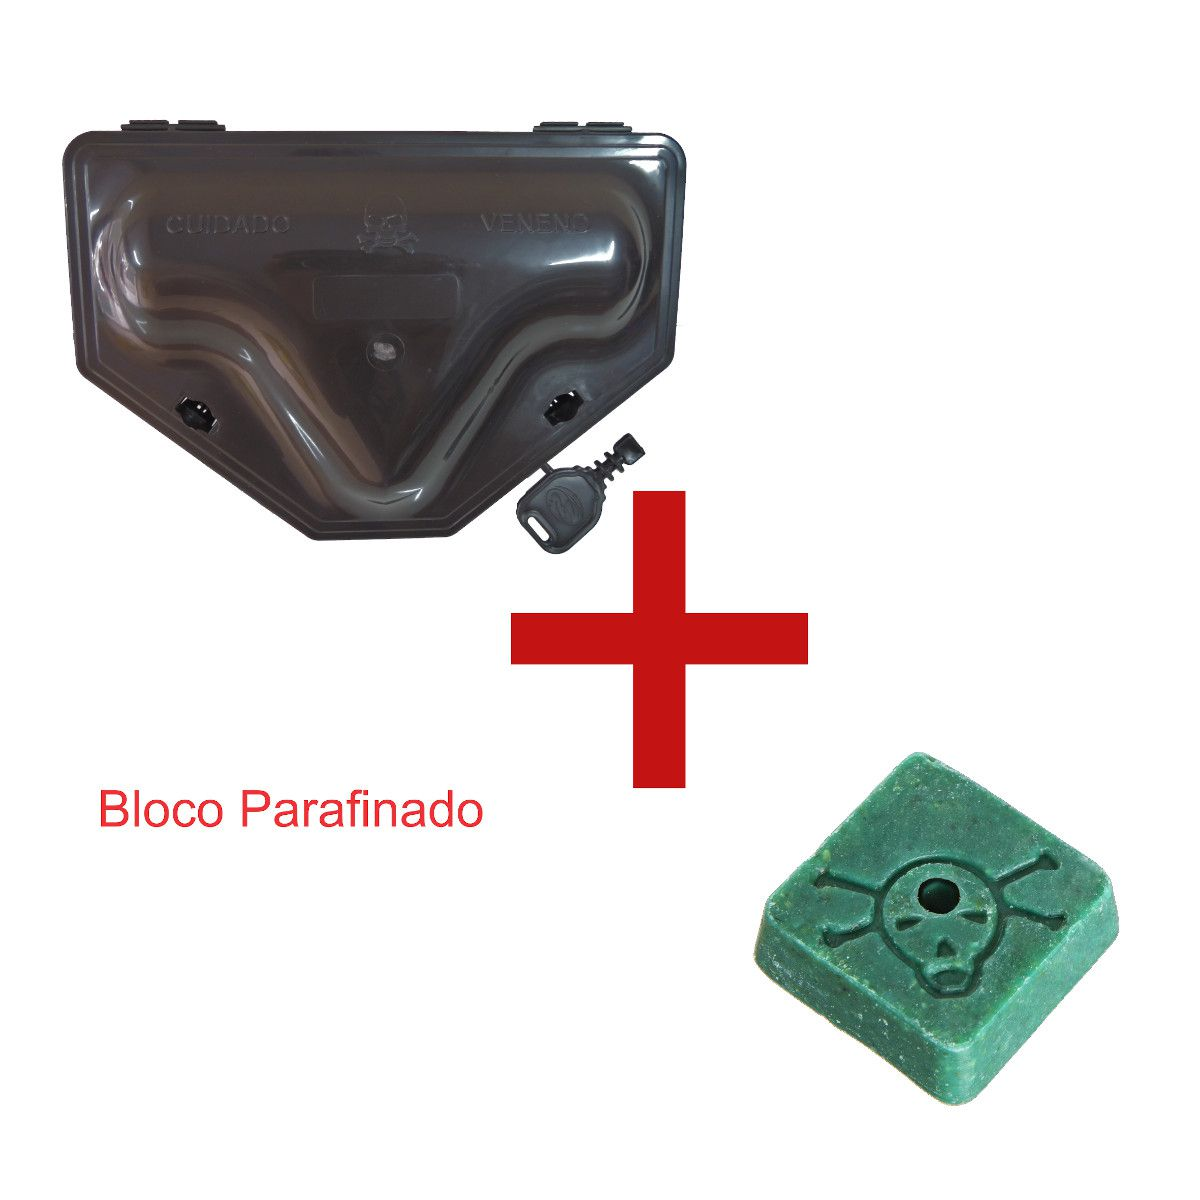 82 Porta Iscas C/ Duplo Travamento + 82 Bloco Parafinado